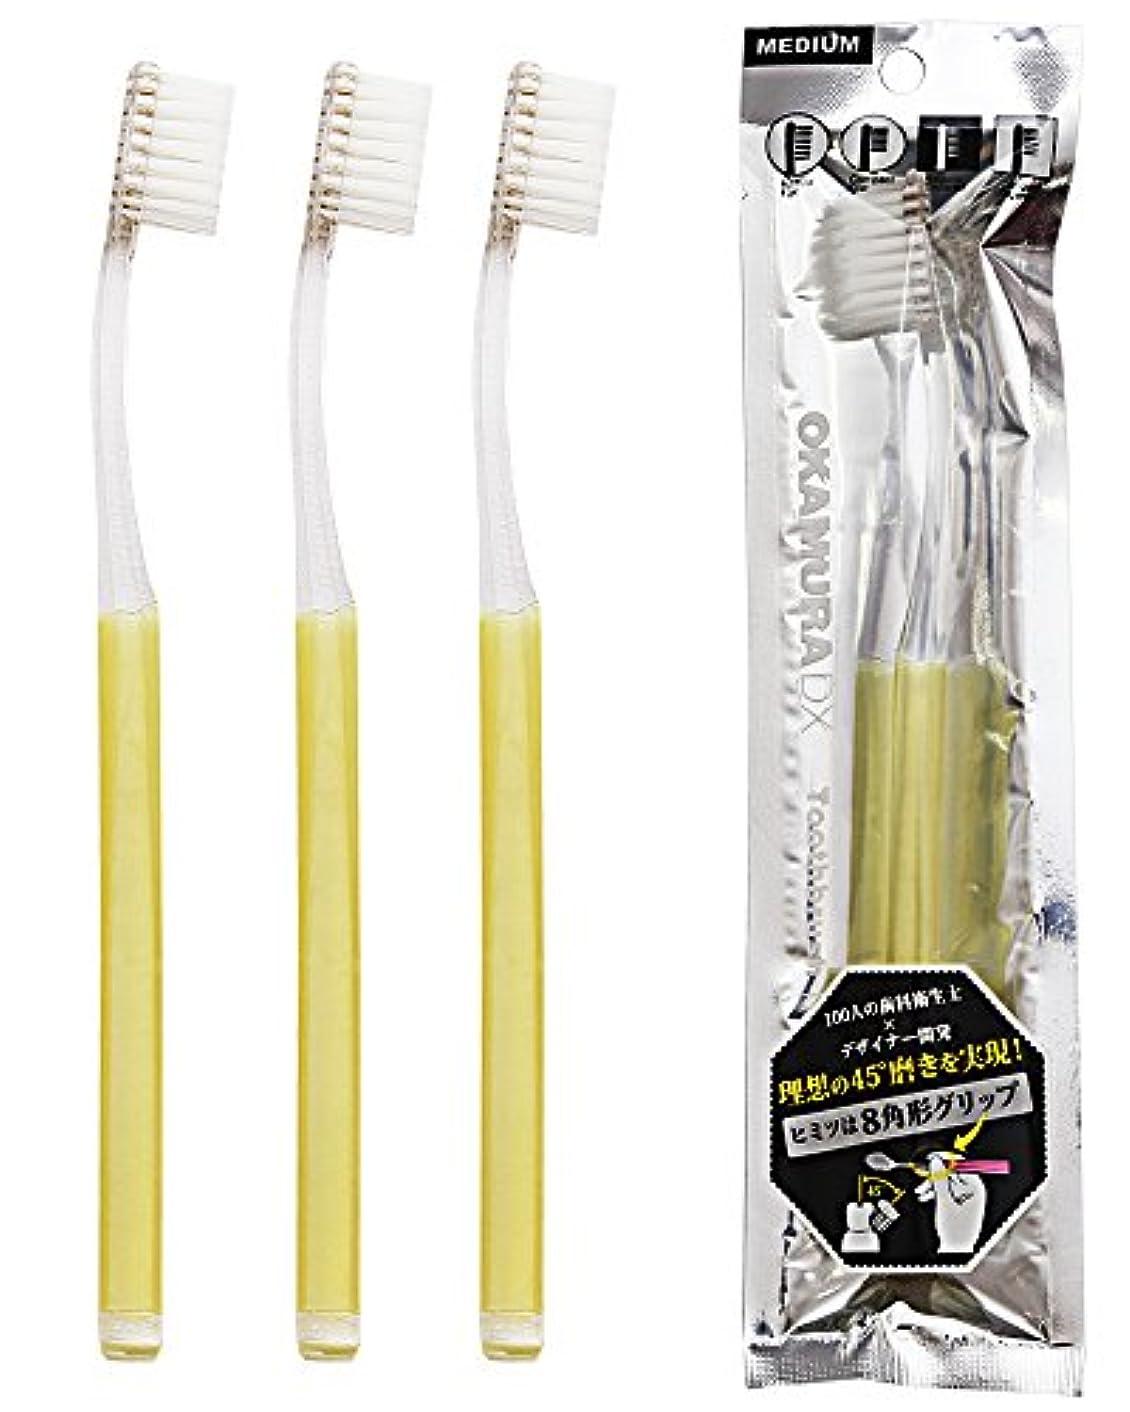 冷凍庫処方する気分が悪いオカムラ(OKAMURA) ラージヘッド 先細 歯ブラシ 3本セット イエロー